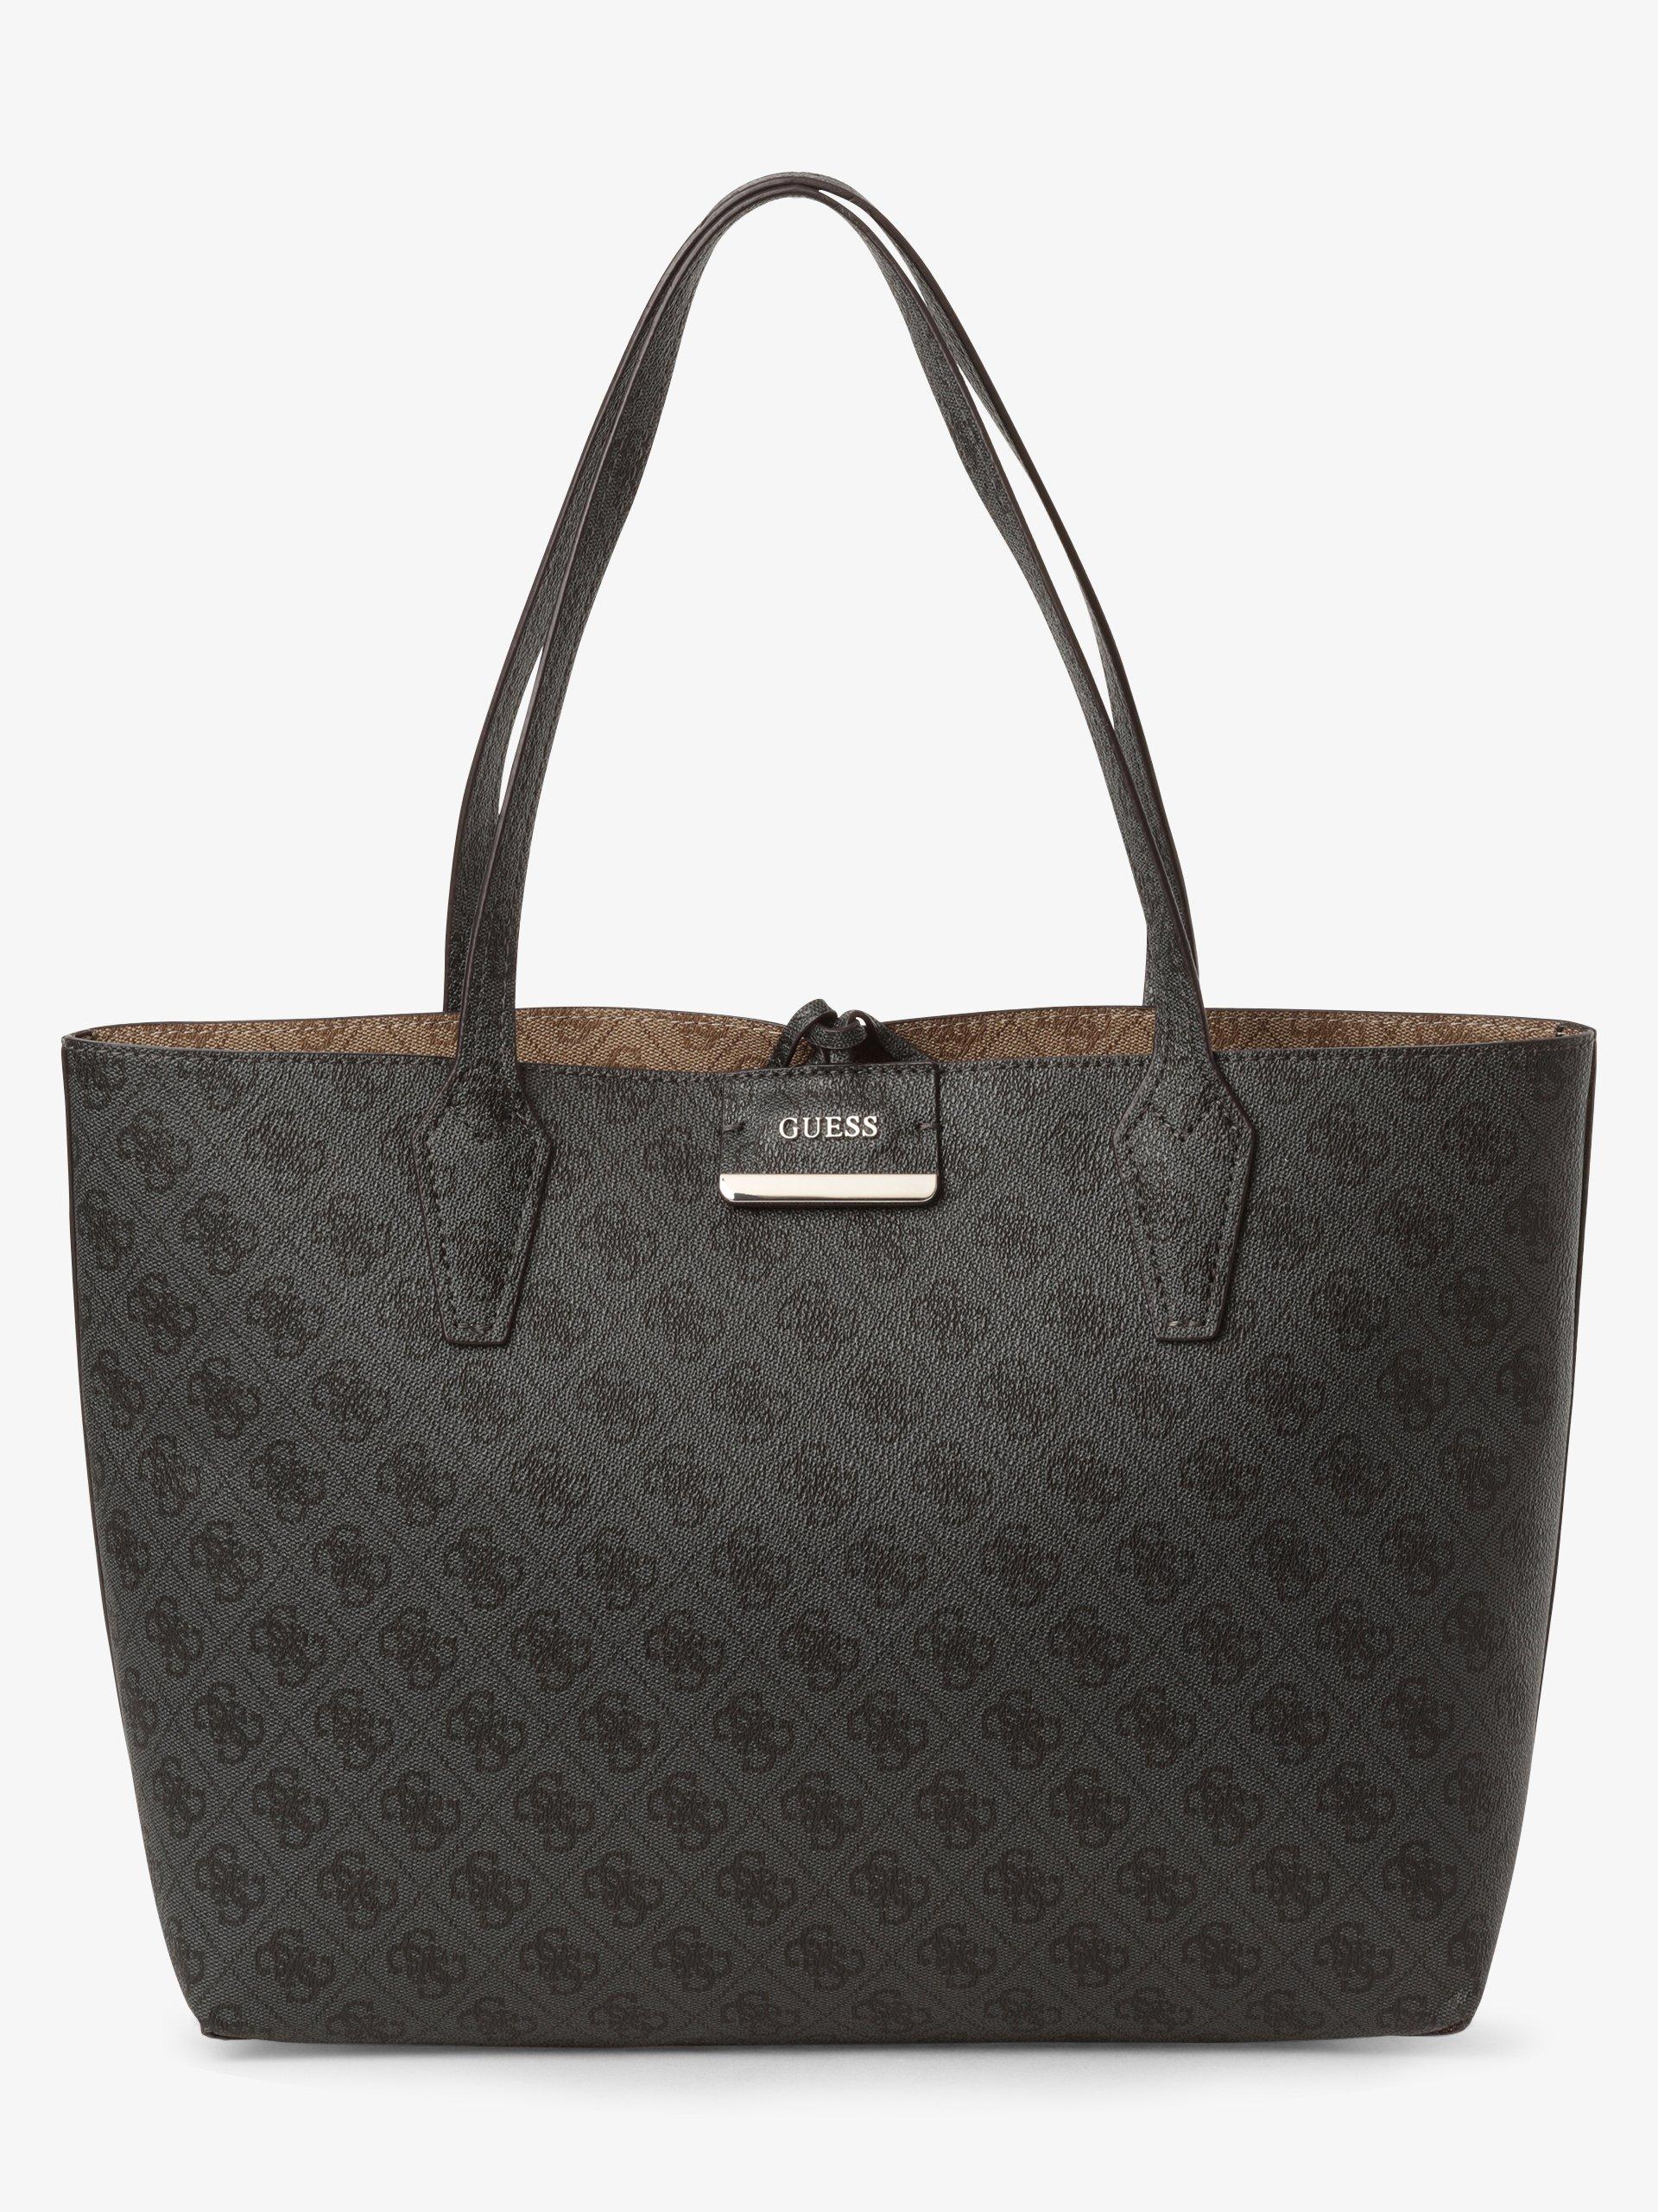 Guess Jeans Damska dwustronna torba shopper z torebką